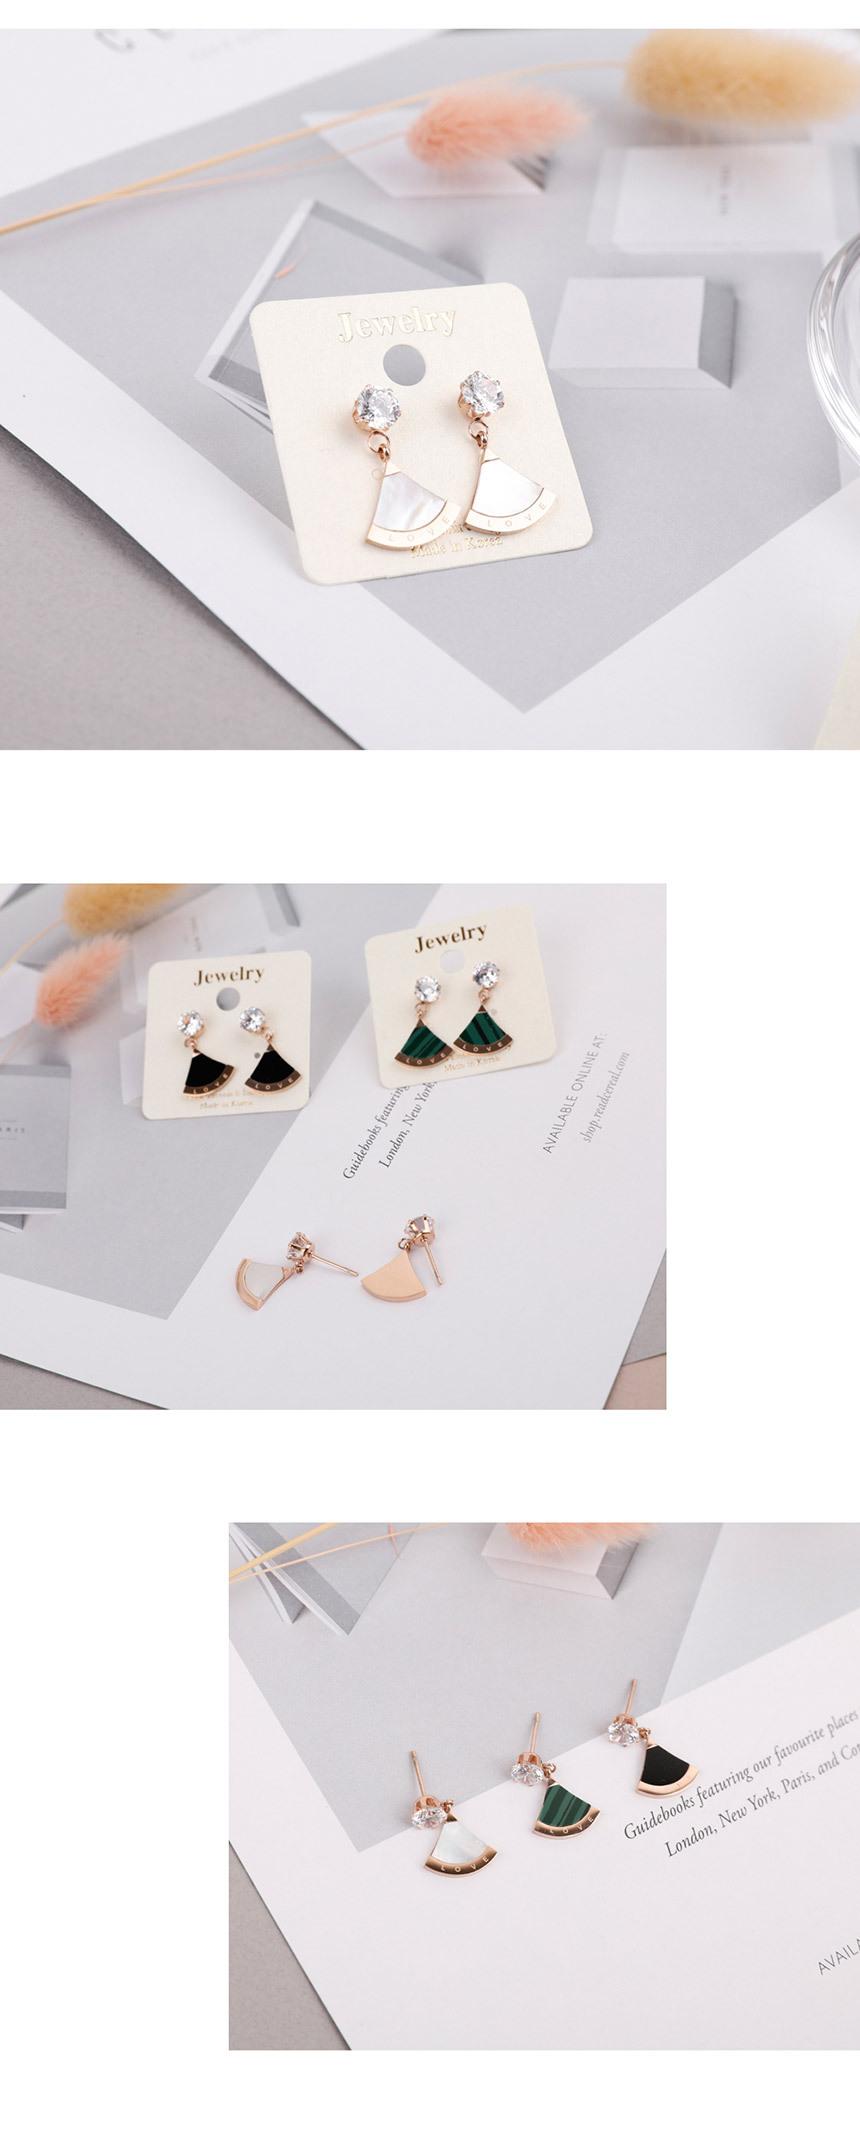 큐빅 부채 써지컬 스틸 귀걸이-3종 - 링코, 9,900원, 실버, 드롭귀걸이